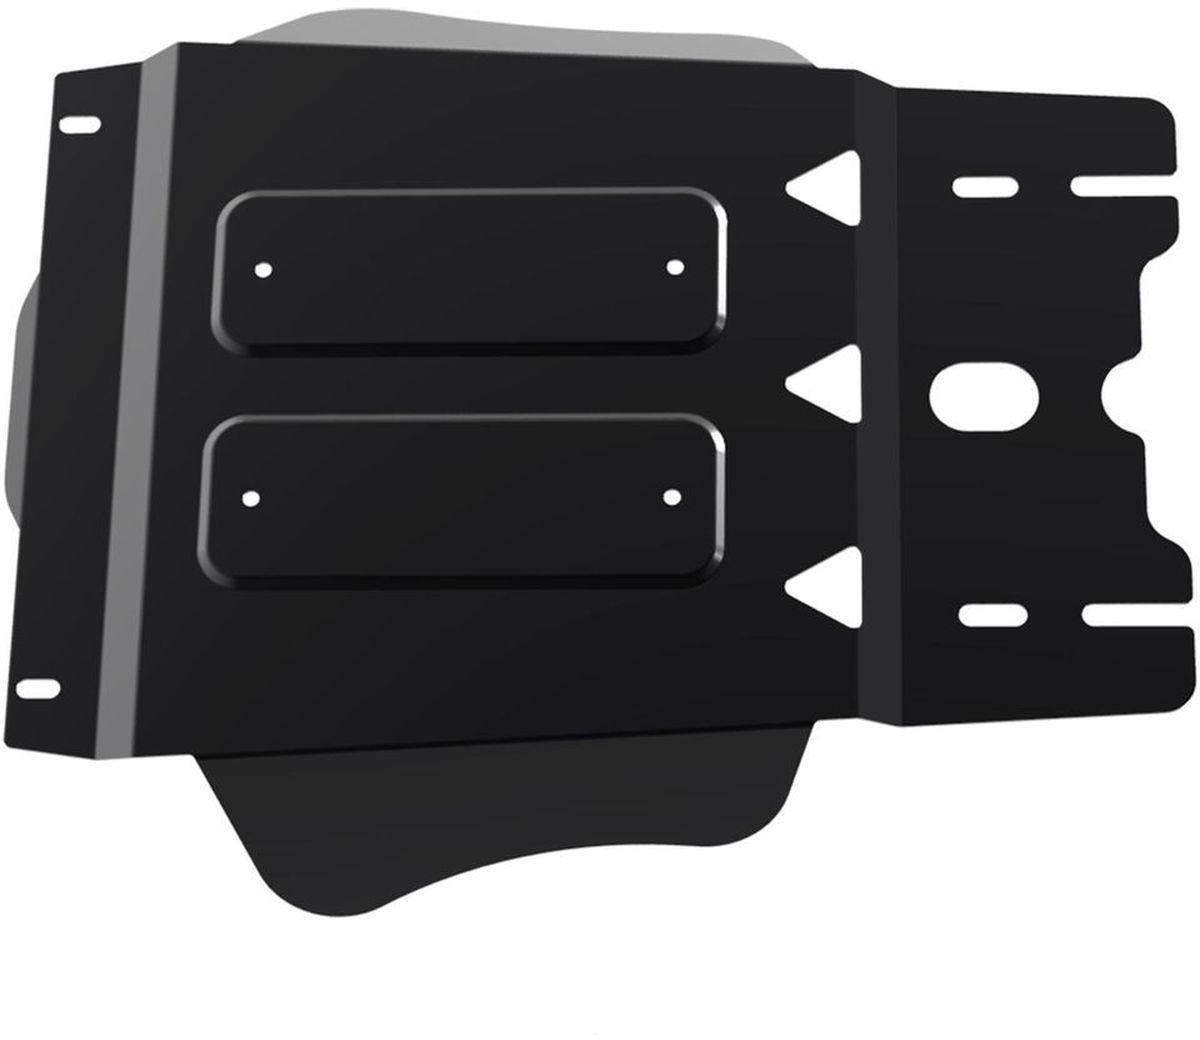 Защита КПП Автоброня Subaru Forester 2013-/Subaru XV 2012-, сталь 2 мм (Установка только с защитой картера 111.05423.1)111.05429.1Защита КПП Автоброня для Subaru Forester, V-2,0; 2,5 2013-/Subaru XV, V-1,6; 2,0 2012-, сталь 2 мм(Установка только с защитой картера 111.05423.1), комплект крепежа, 111.05429.1Стальные защиты Автоброня надежно защищают ваш автомобиль от повреждений при наезде на бордюры, выступающие канализационные люки, кромки поврежденного асфальта или при ремонте дорог, не говоря уже о загородных дорогах.- Имеют оптимальное соотношение цена-качество.- Спроектированы с учетом особенностей автомобиля, что делает установку удобной.- Защита устанавливается в штатные места кузова автомобиля.- Является надежной защитой для важных элементов на протяжении долгих лет.- Глубокий штамп дополнительно усиливает конструкцию защиты.- Подштамповка в местах крепления защищает крепеж от срезания.- Технологические отверстия там, где они необходимы для смены масла и слива воды, оборудованные заглушками, закрепленными на защите.Толщина стали 2 мм.В комплекте крепеж и инструкция по установке.Уважаемые клиенты!Обращаем ваше внимание на тот факт, что защита имеет форму, соответствующую модели данного автомобиля. Наличие глубокого штампа и лючков для смены фильтров/масла предусмотрено не на всех защитах. Фото служит для визуального восприятия товара.